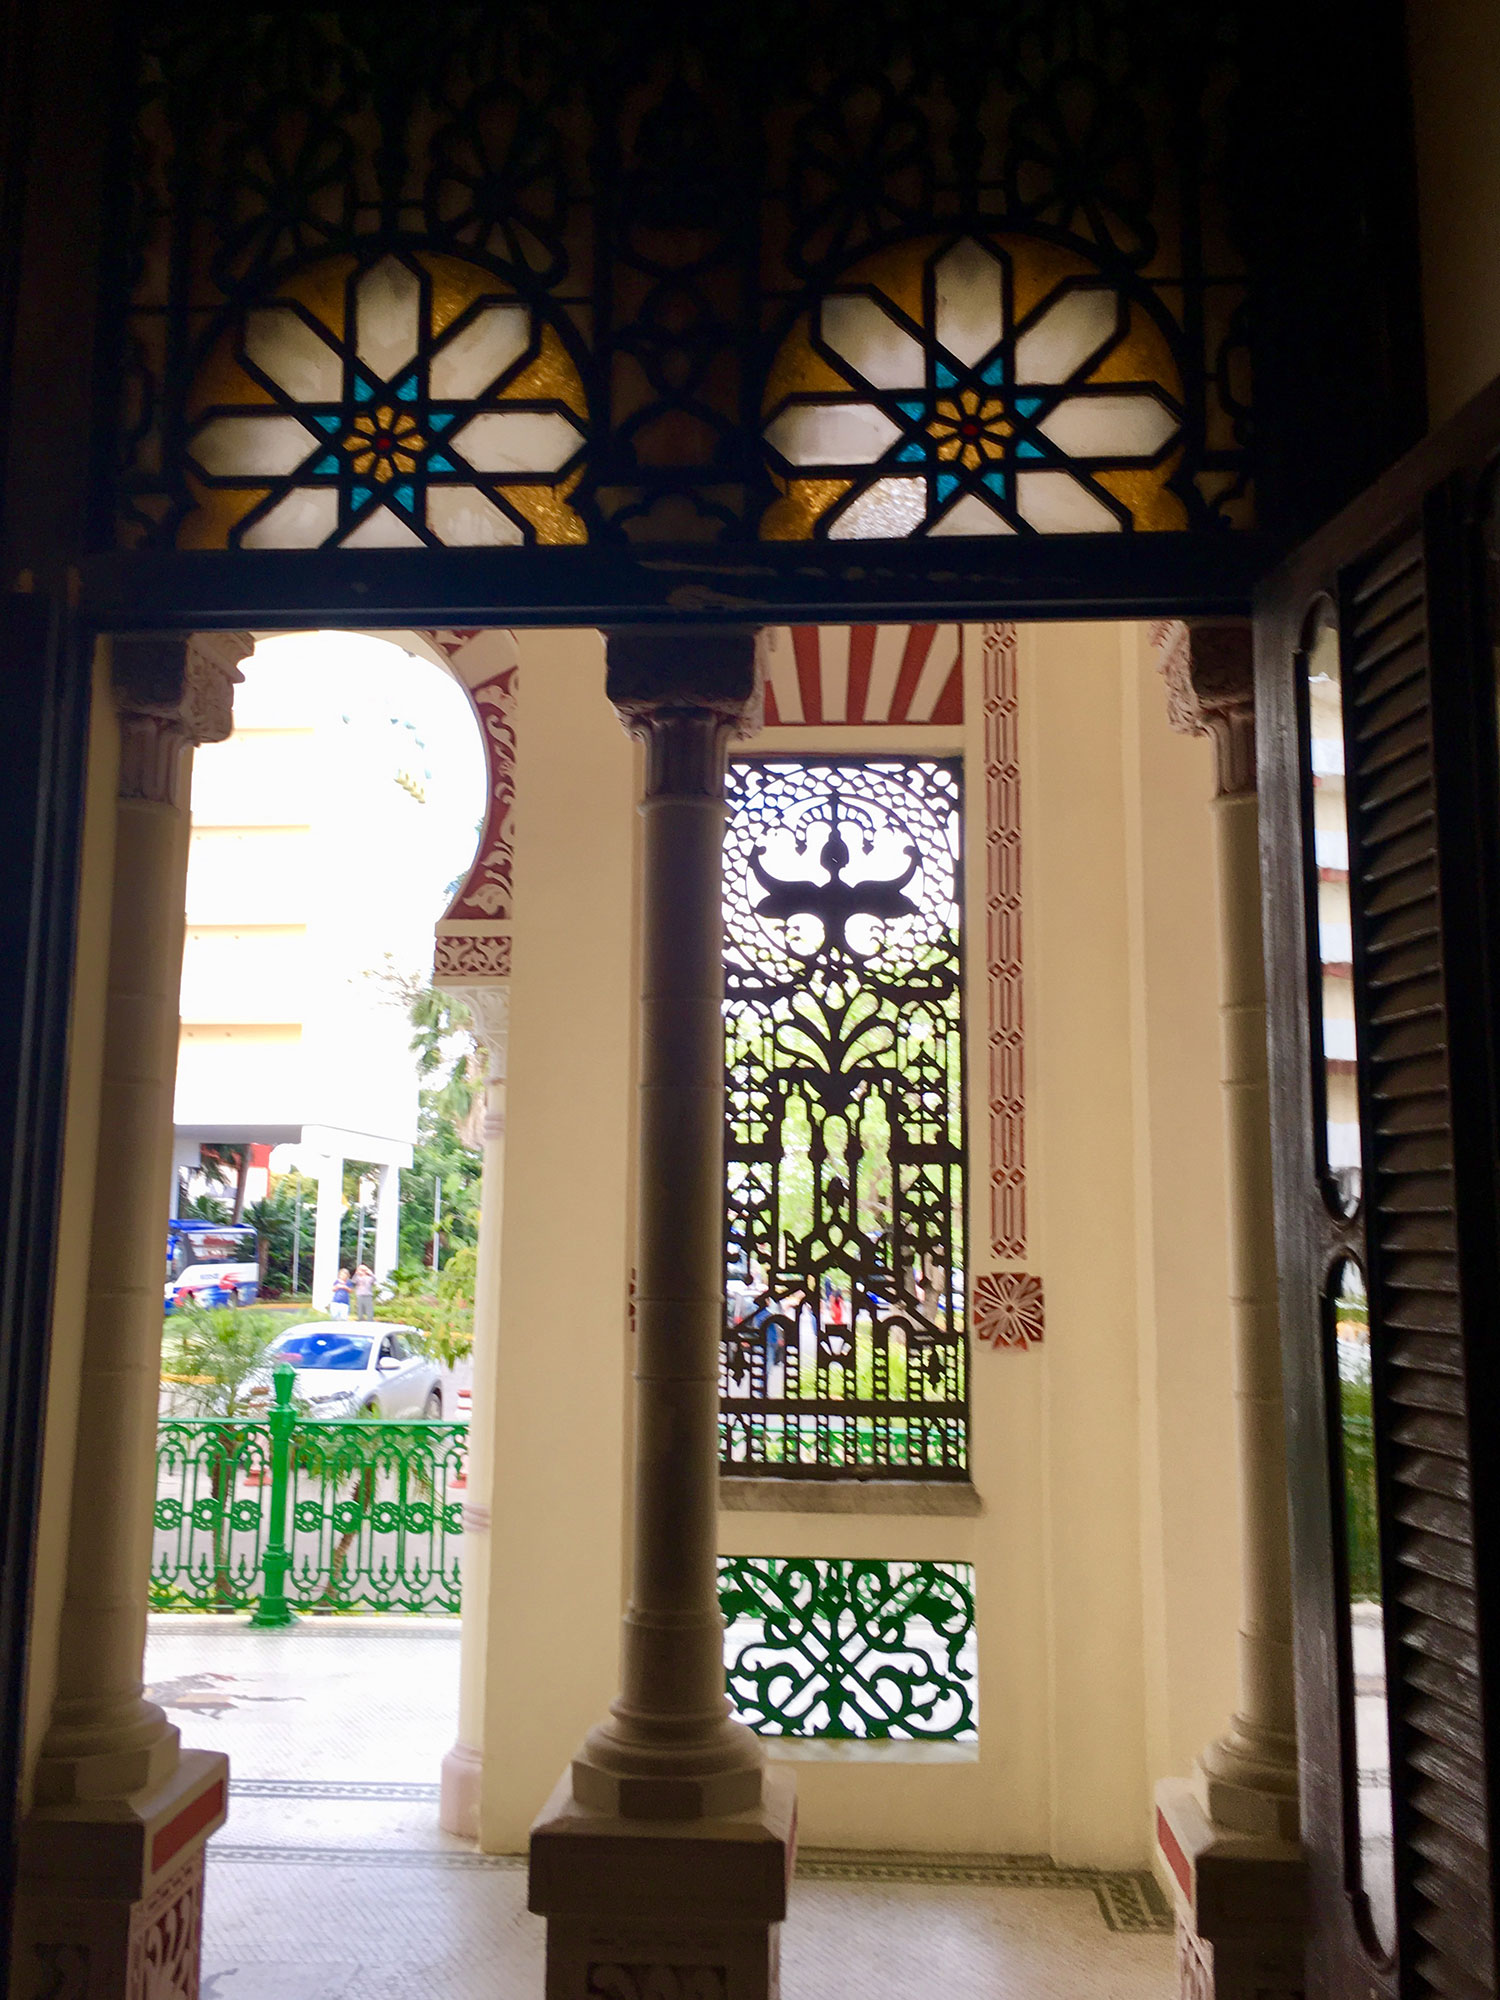 Hammocks_and_Ruins_What_to_Do_Cuba_colonial_sugar_barons_Palacio_deValle_town_Cienfuegos_27.jpg